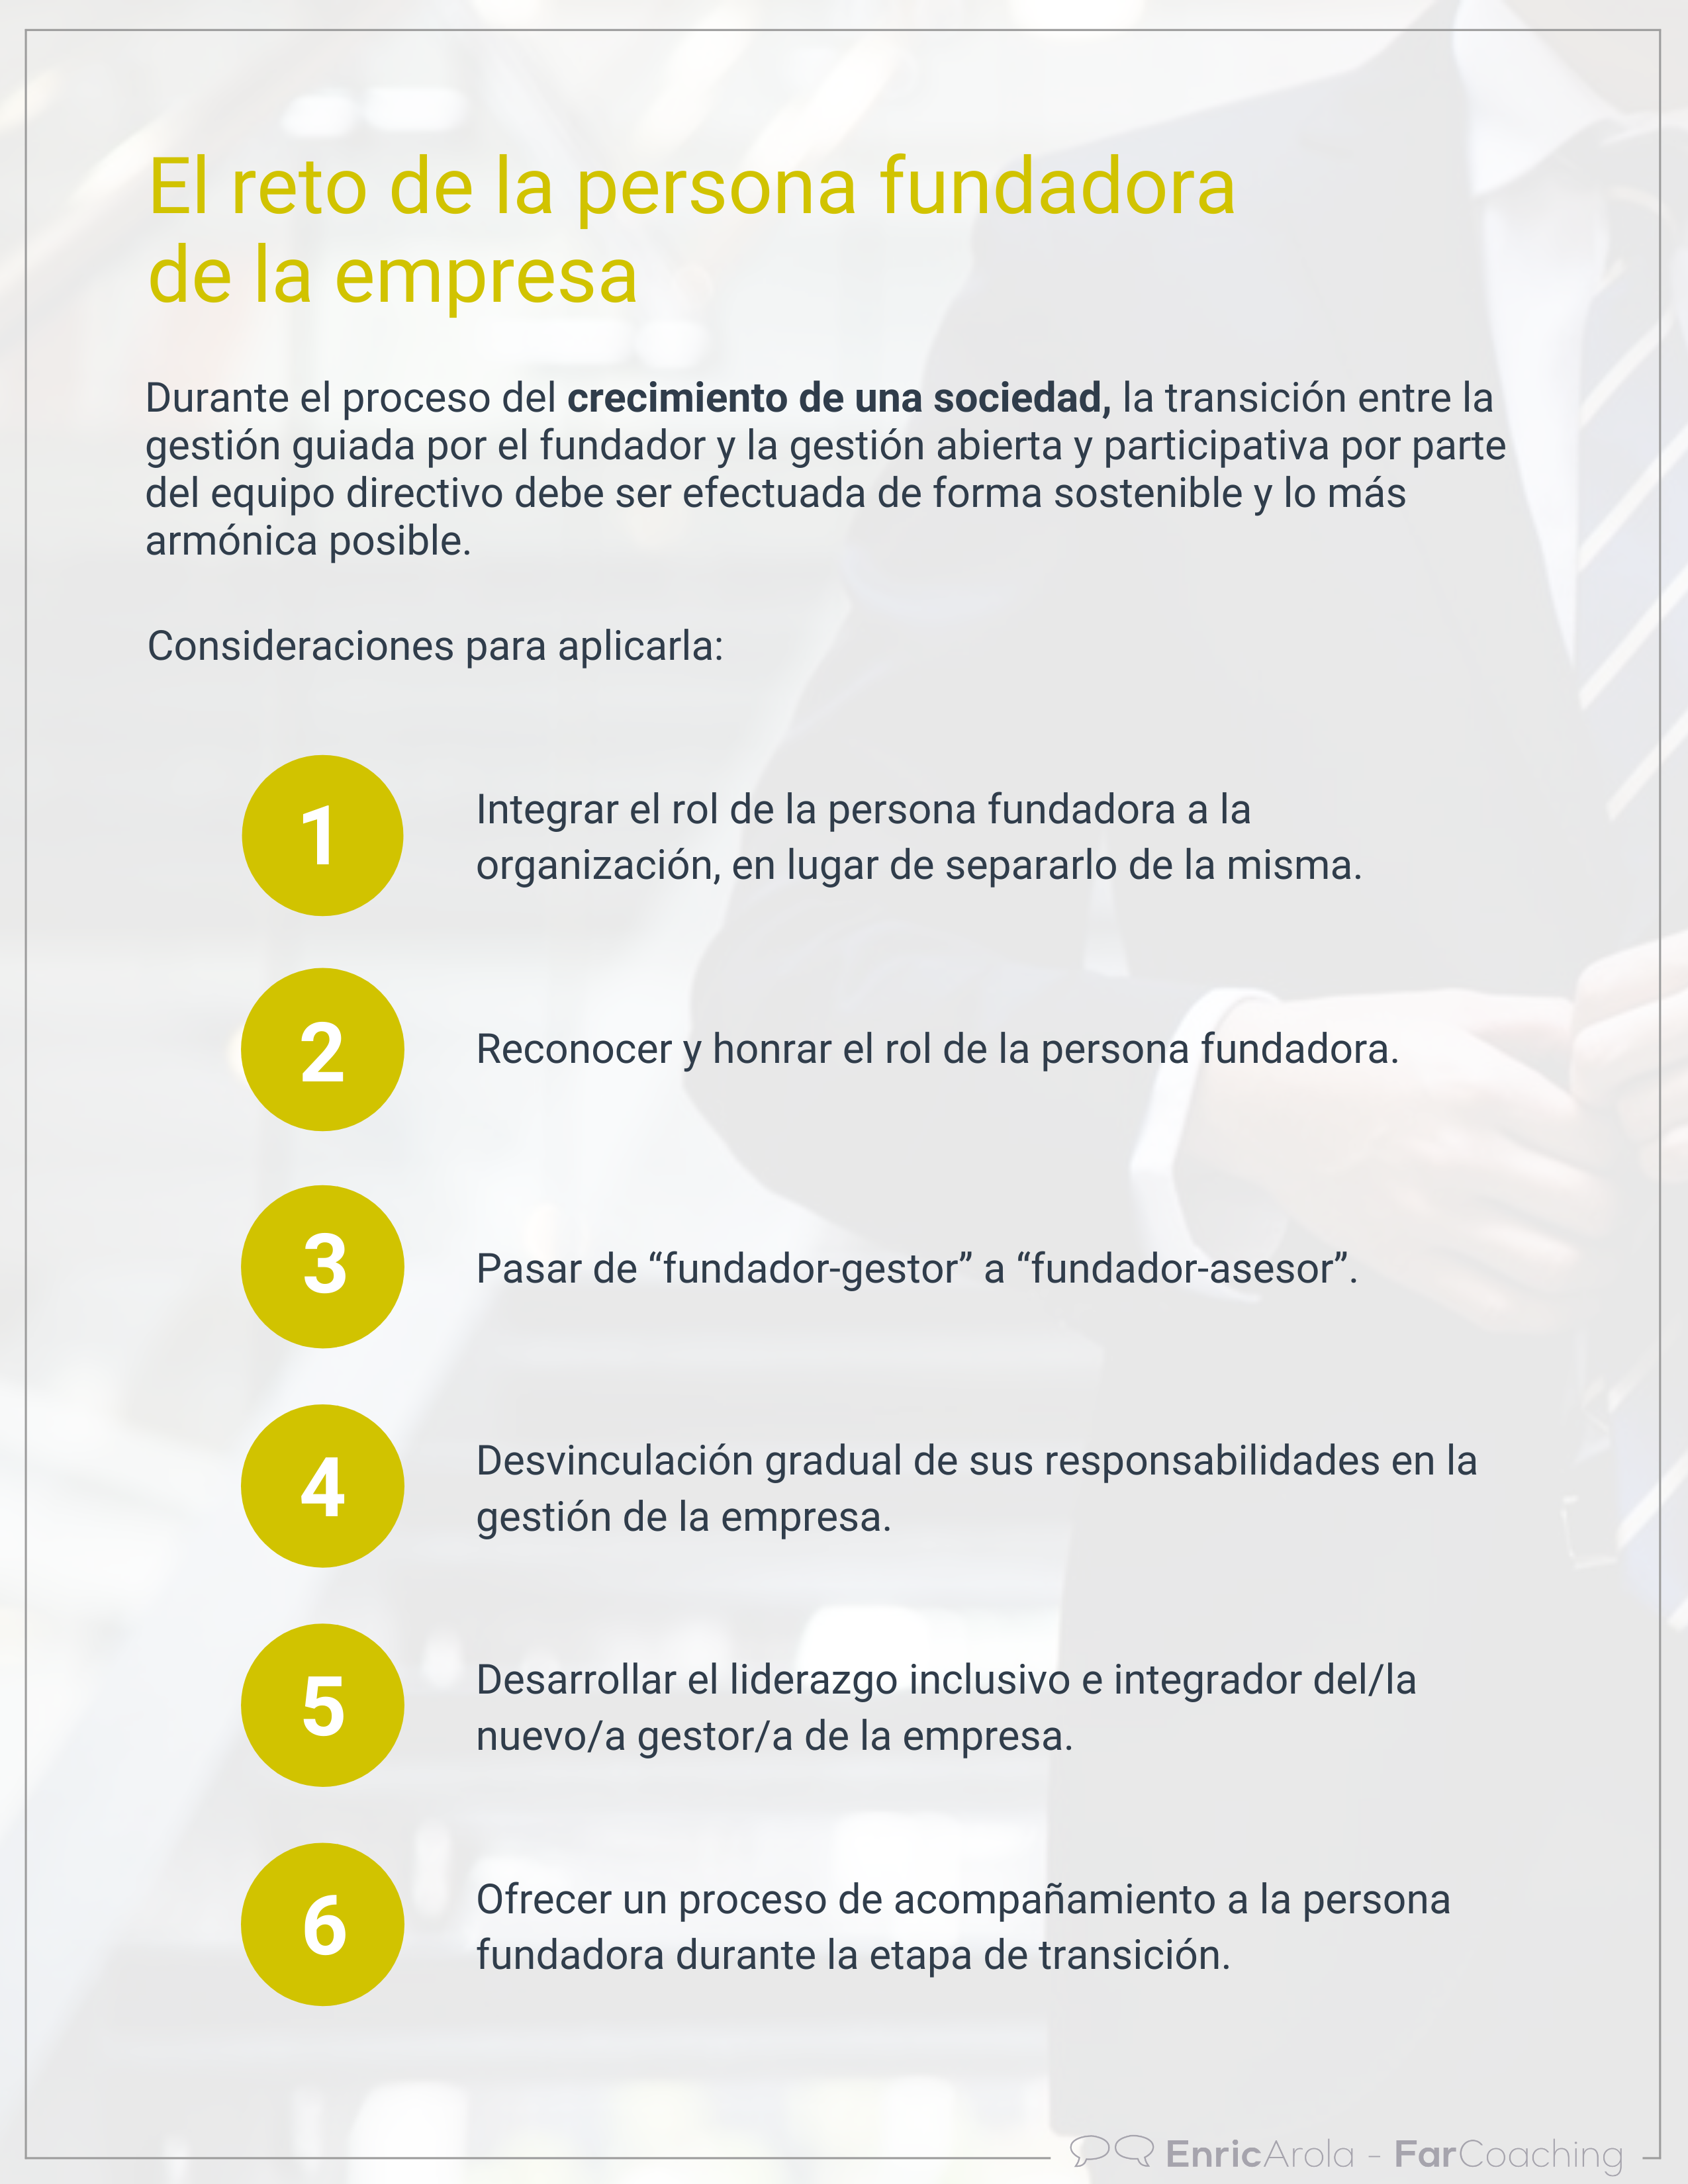 Infografia El reto del fundador de la empresa